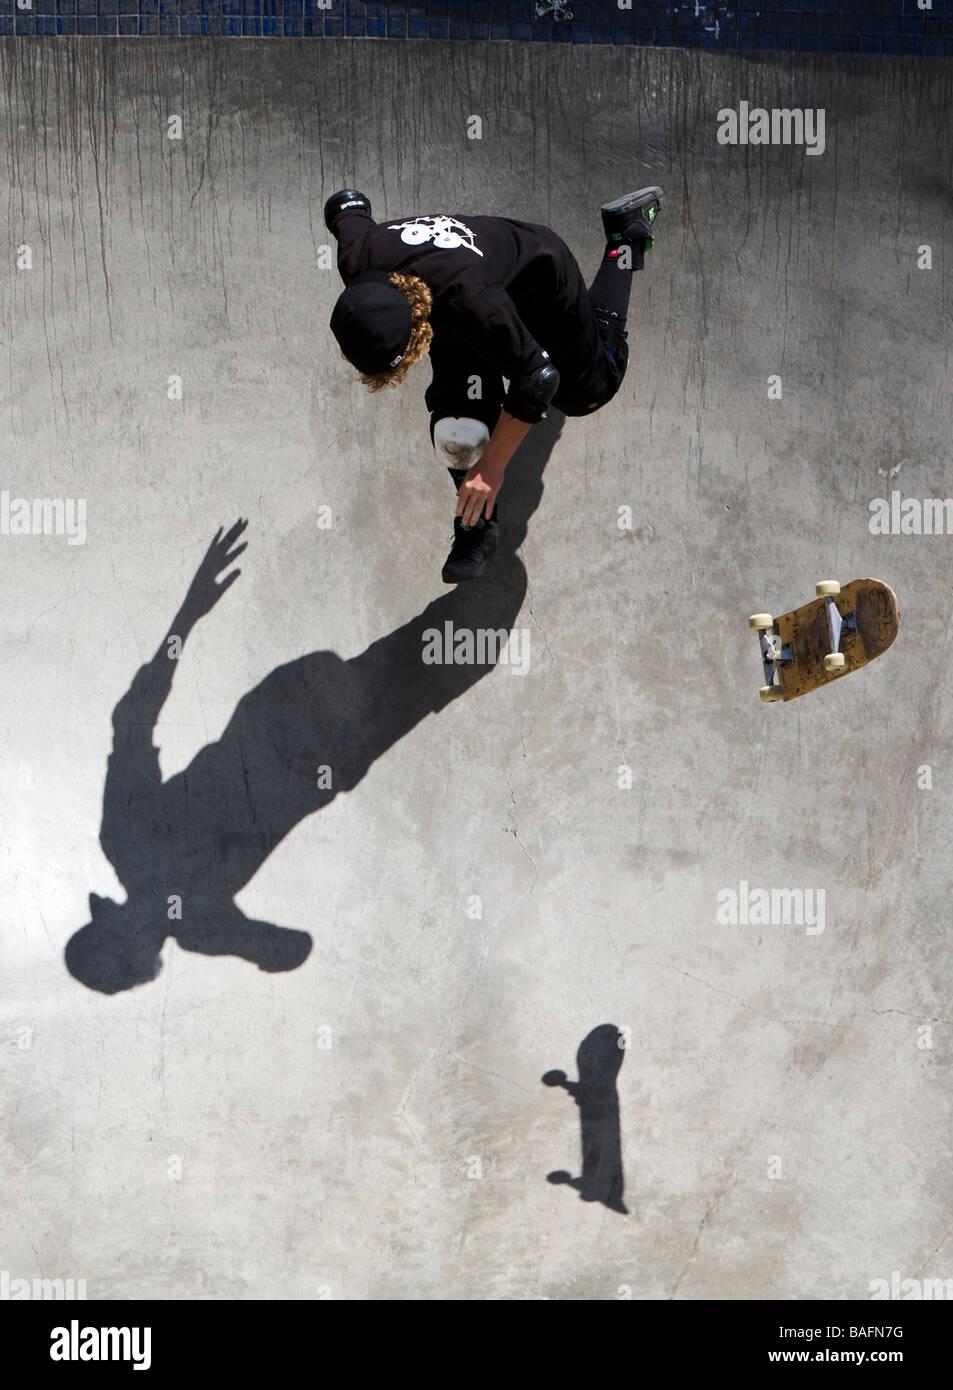 Skater haciendo trucos en Culver City Skate Park Culver City del Condado de Los Ángeles, California, Estados Imagen De Stock